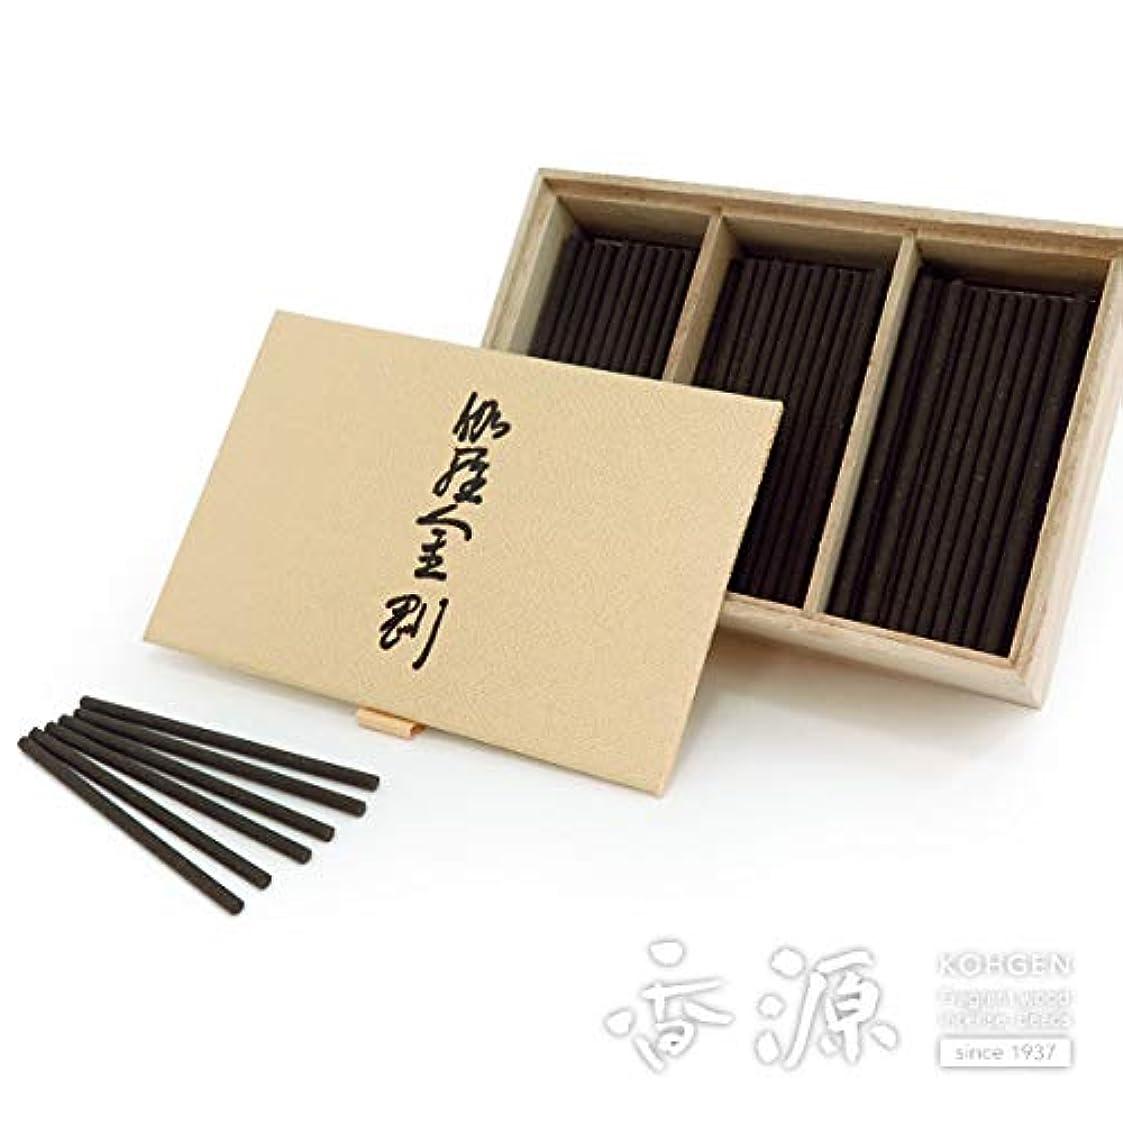 受け皿電卓おっと日本香堂のお香 伽羅金剛 スティックミニ寸お徳用 150本入り